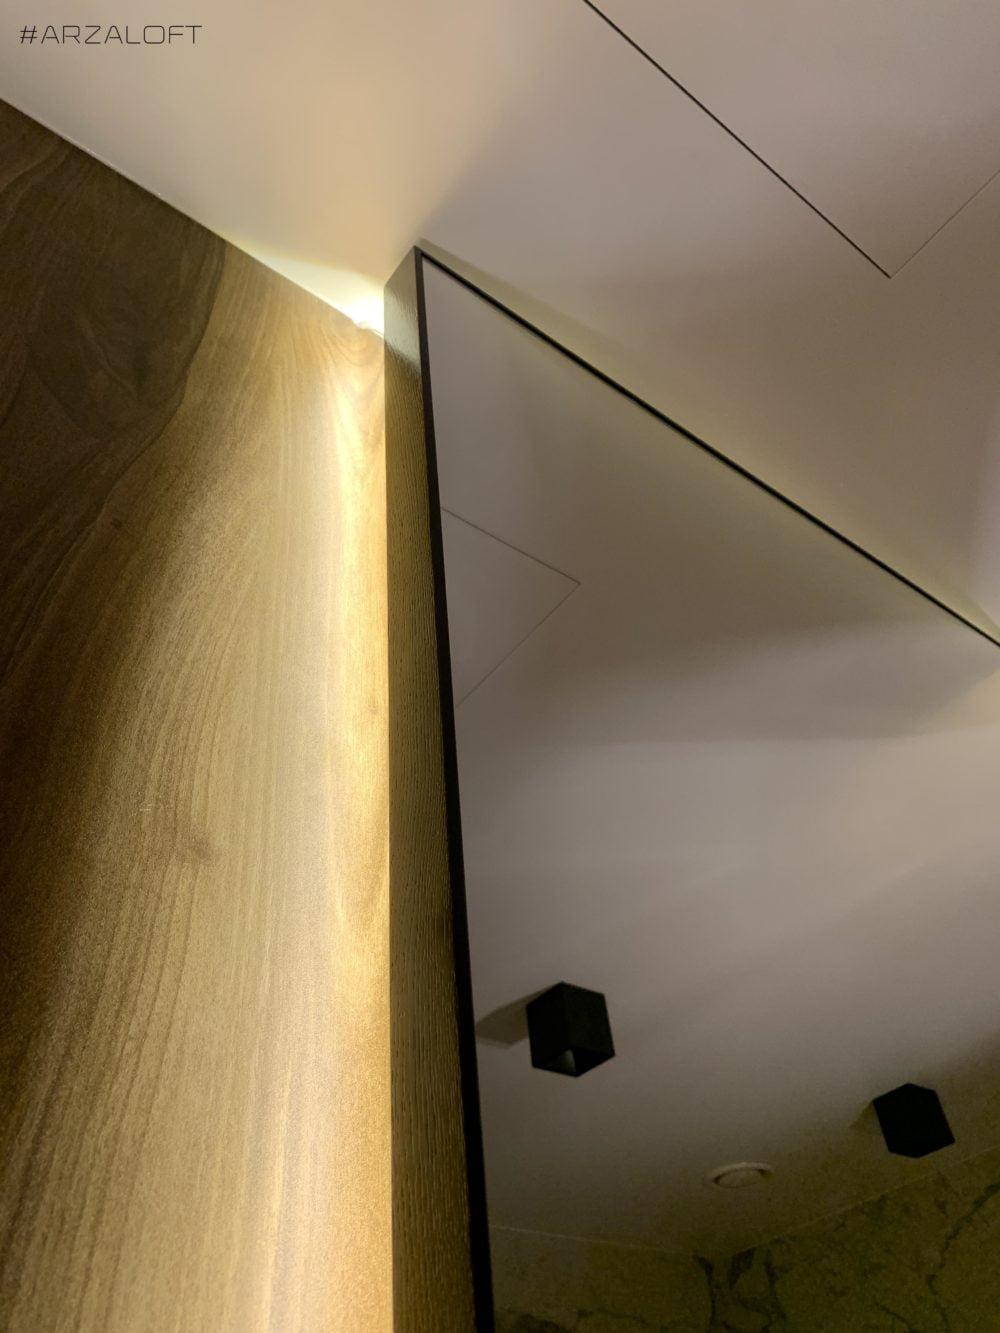 зеркало настенное с подсветкой